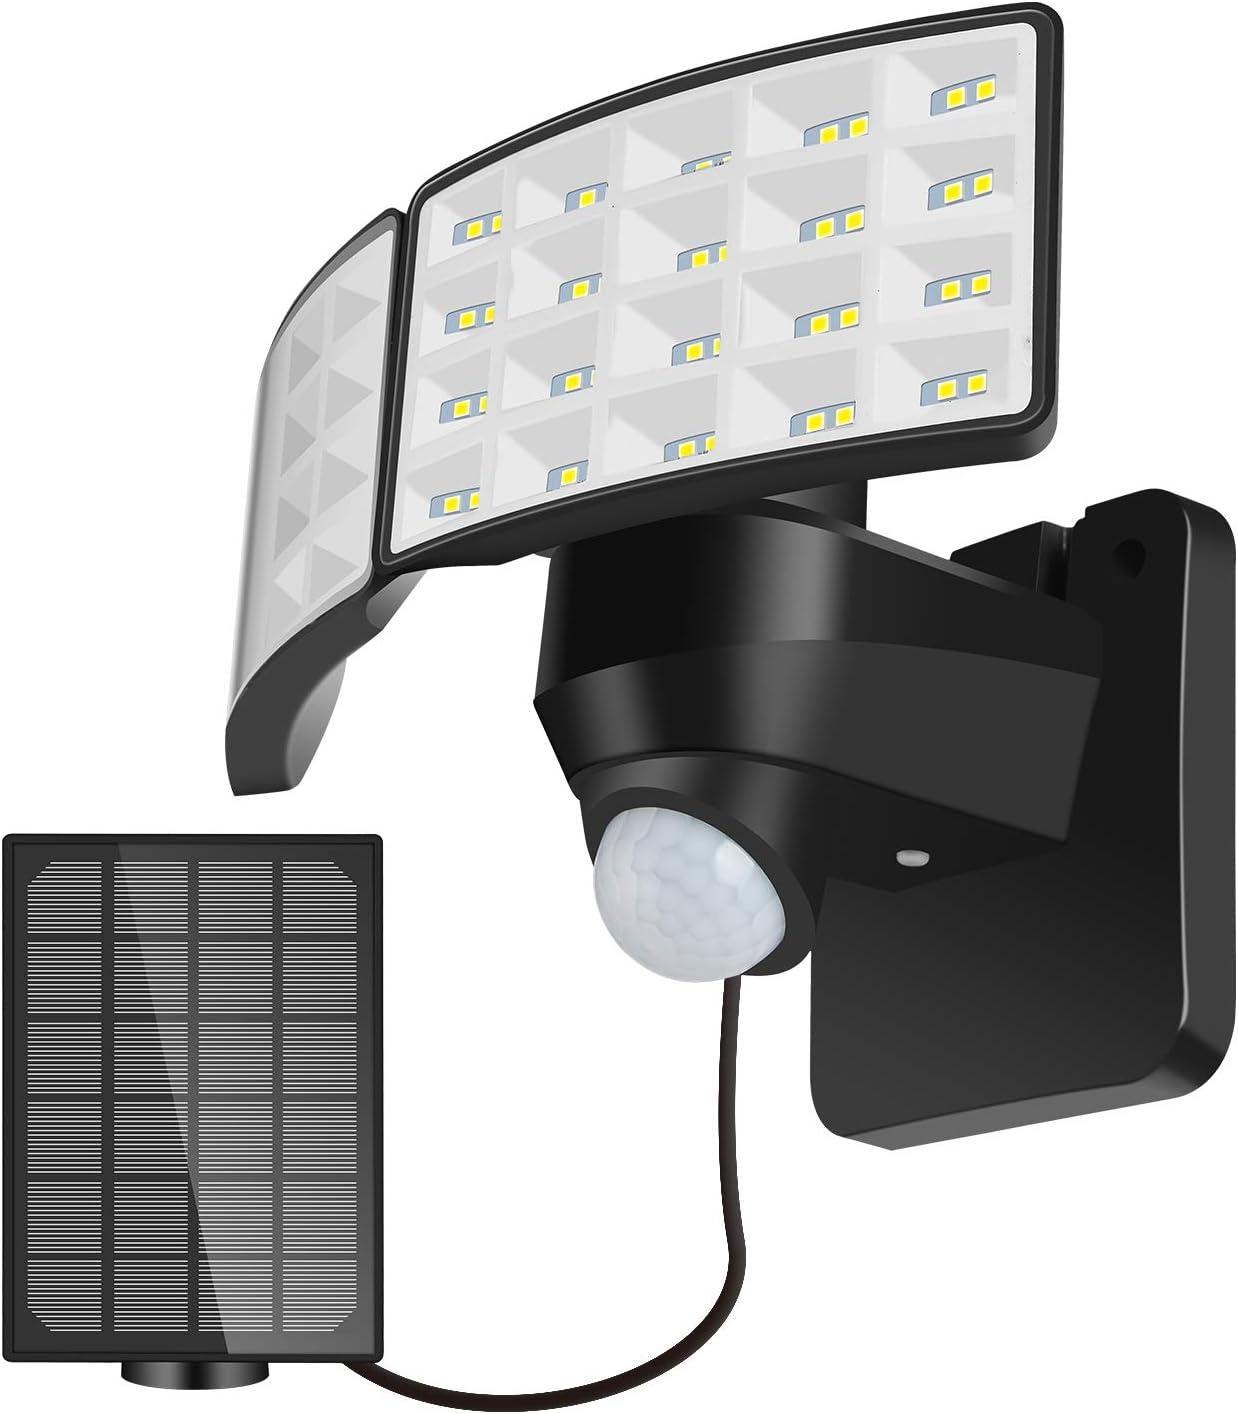 LUOWAN Luz de Seguridad Solar al Aire Libre Luz de Sensor de Movimiento Solar LED 1600LM con 2 Cabezales Ajustables, 5500K, IP65 a Prueba de Agua Proyector para PatioTrasero, Camino & Patio